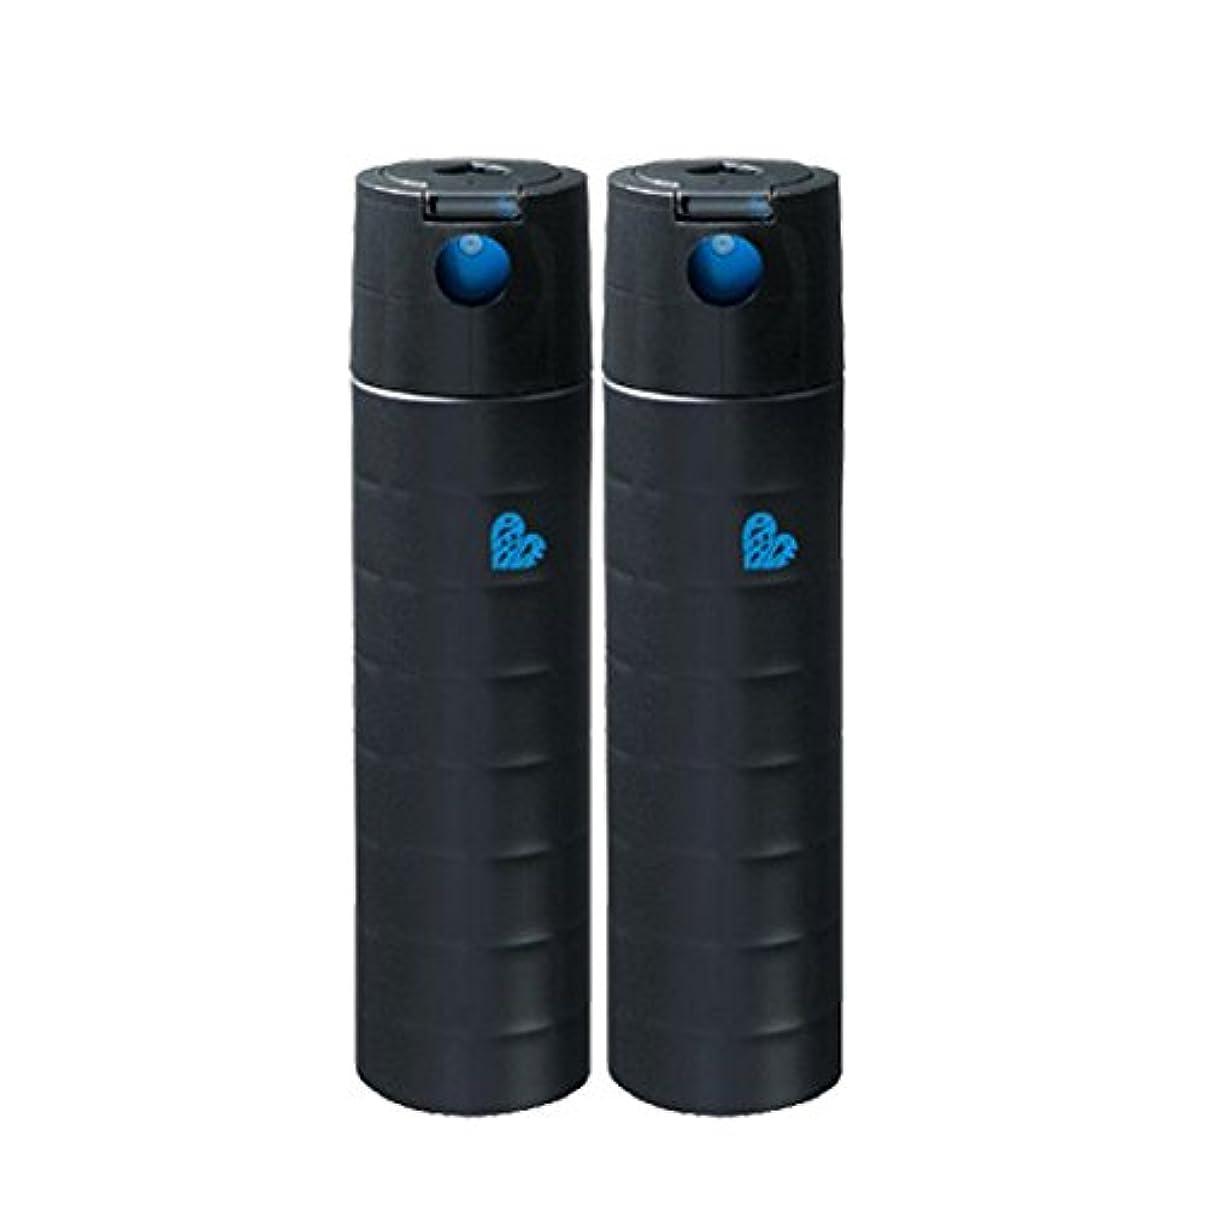 振る謎よく話される【X2個セット】 アリミノ ピース フリーズキープspray ブラック 140g 200ml